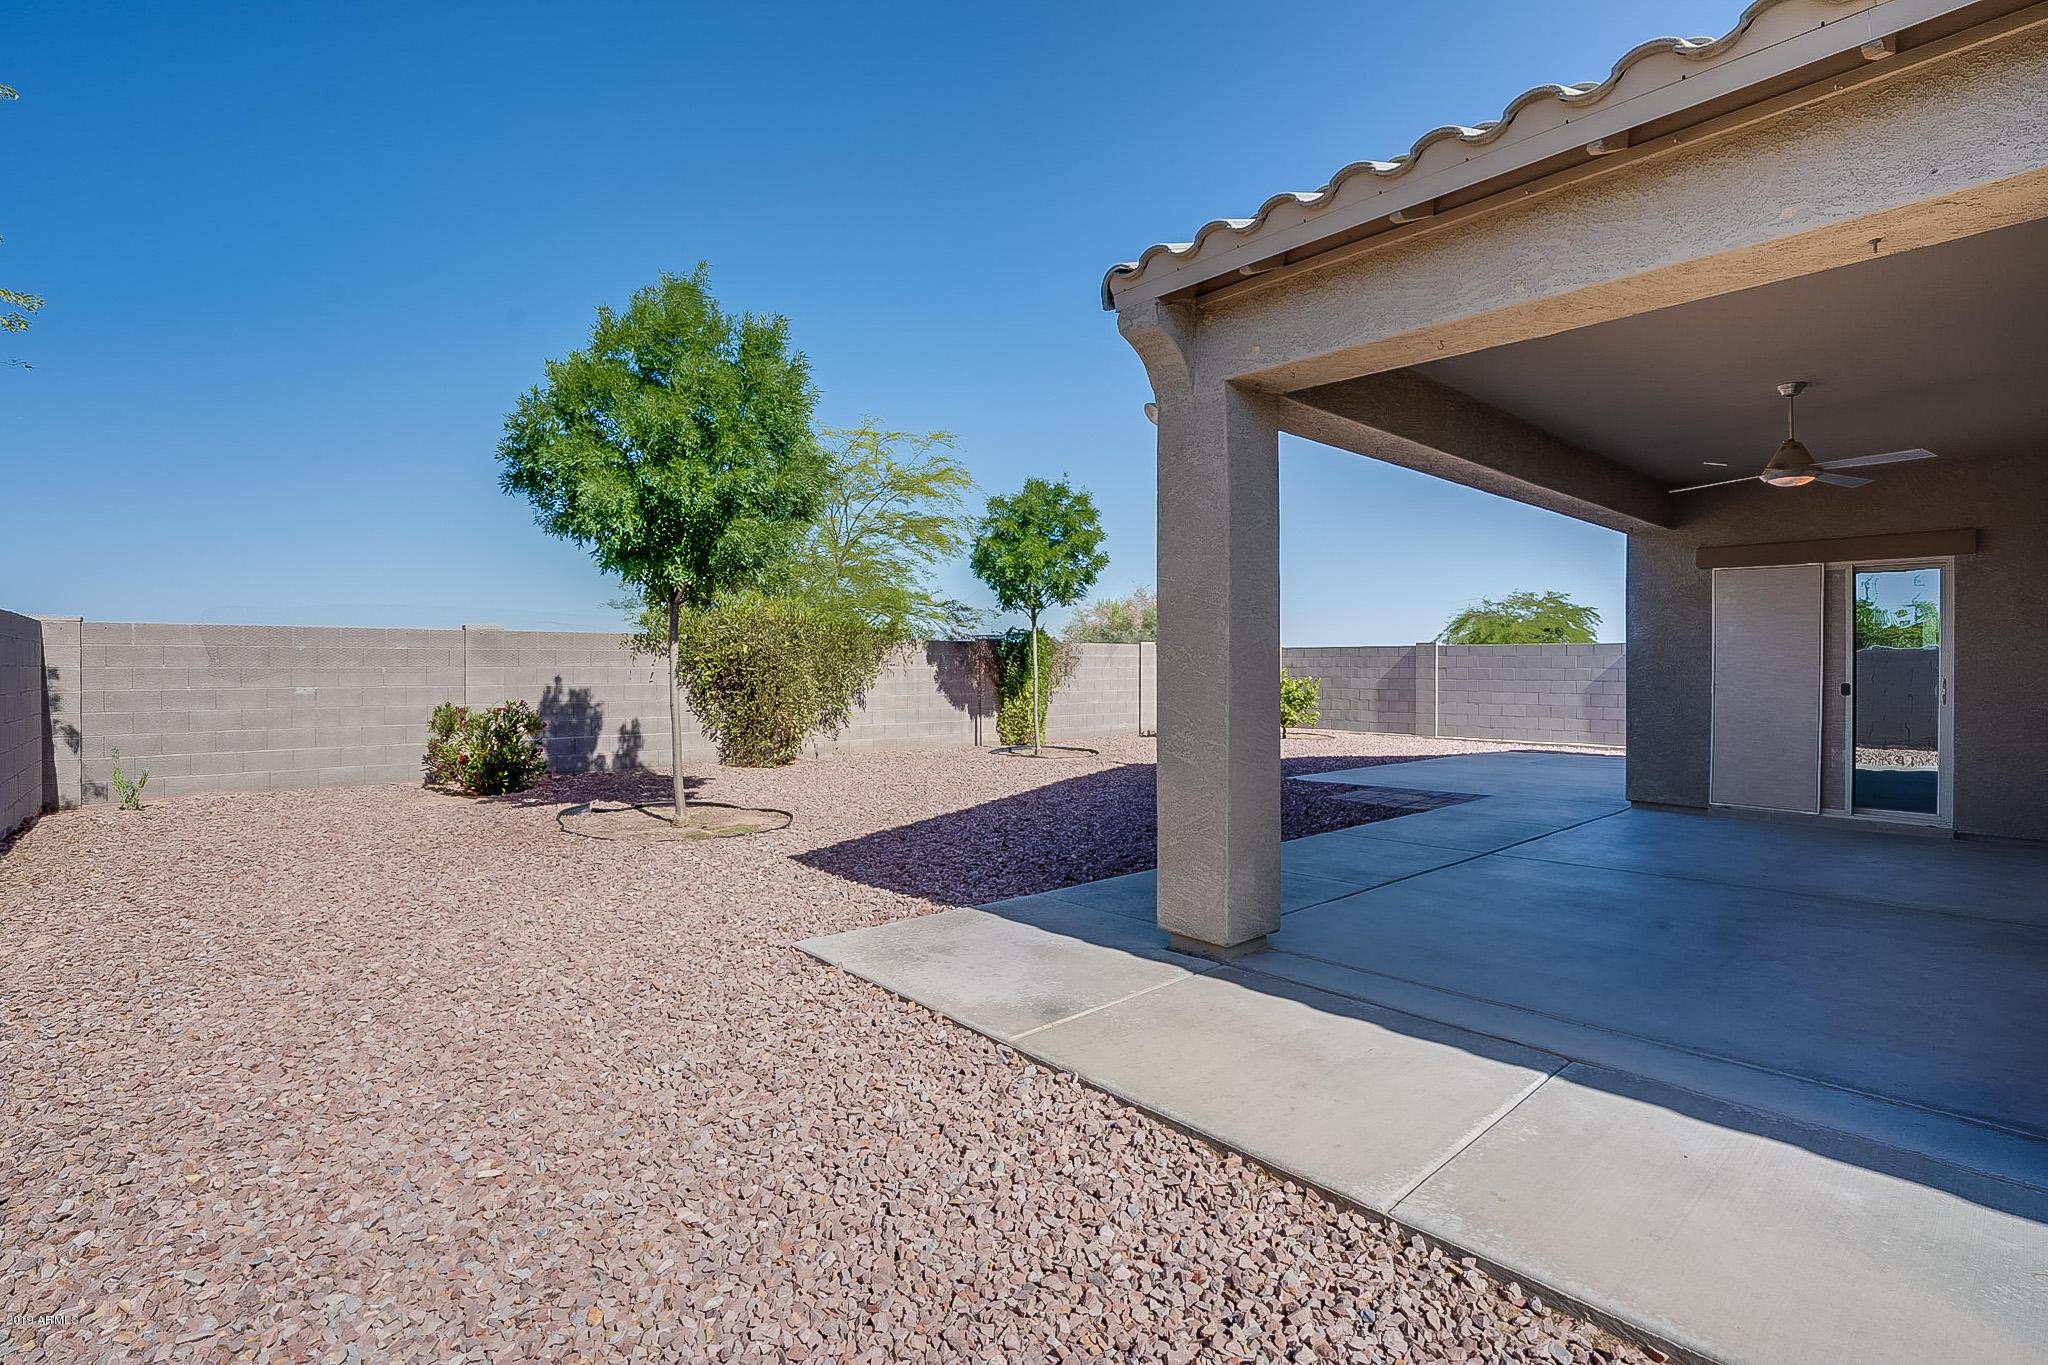 MLS 5928456 1915 N COCOA Court, Casa Grande, AZ 85122 Casa Grande AZ Desert Sky Ranch